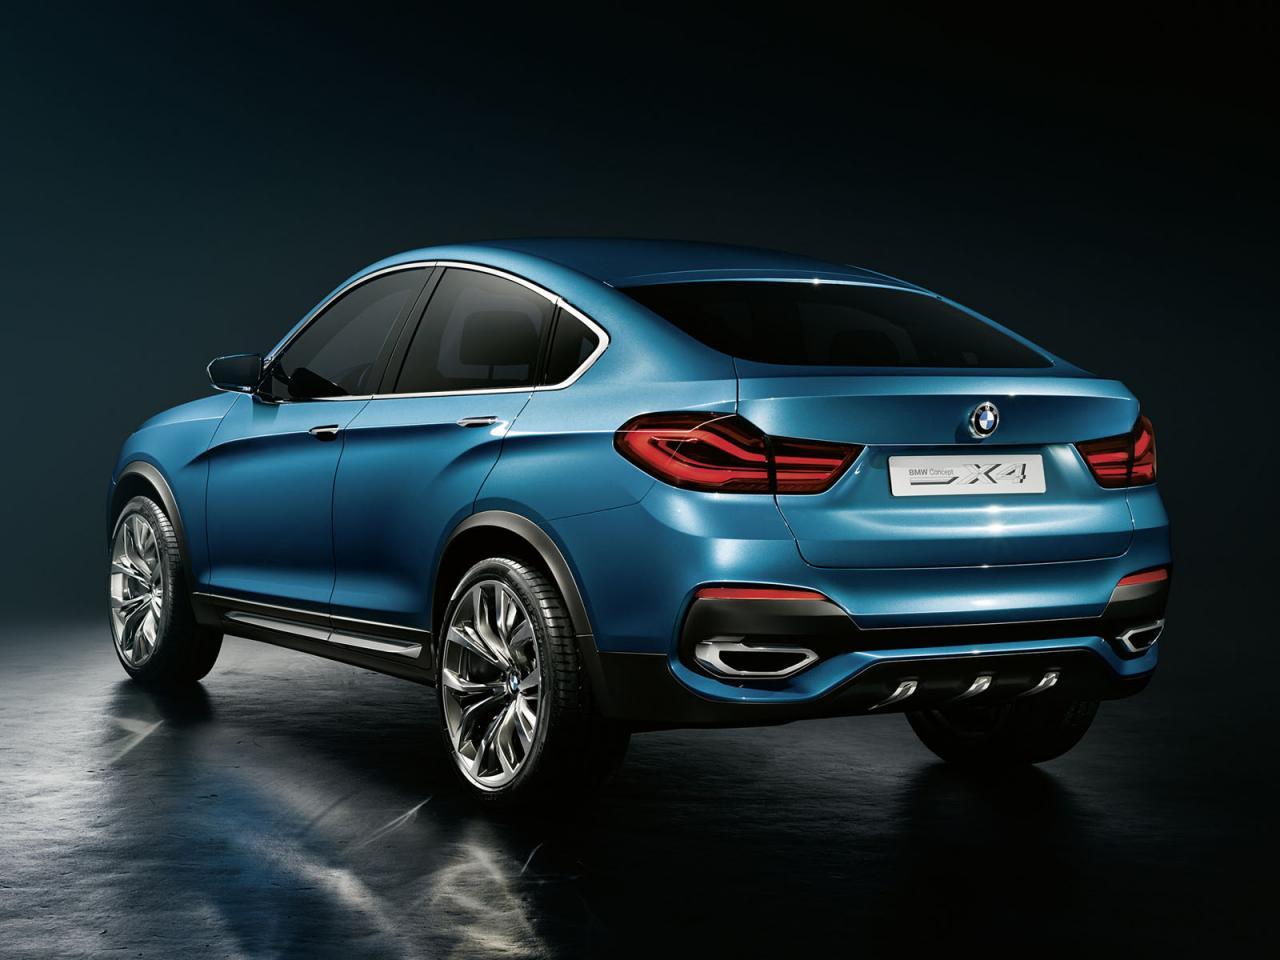 2014 BMW X4 Concept 2